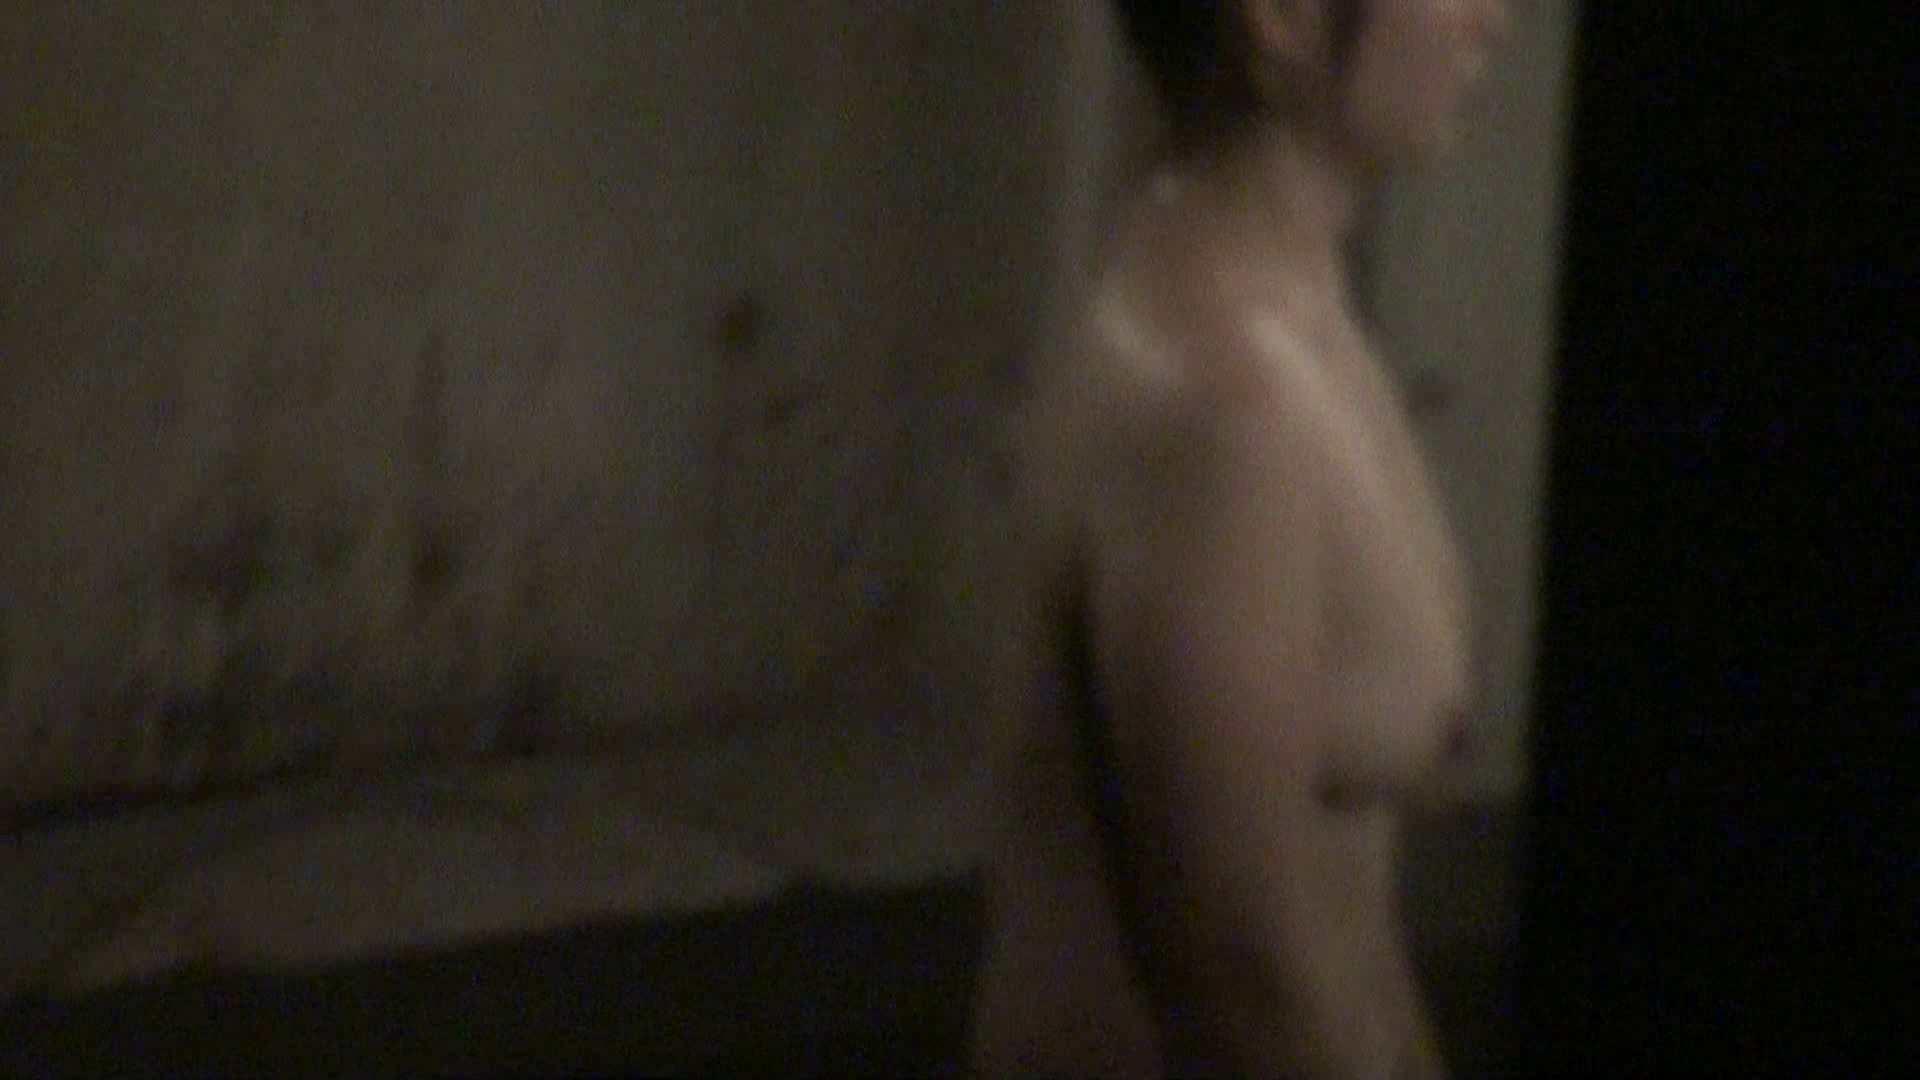 Aquaな露天風呂Vol.337 盗撮師作品 | 美しいOLの裸体  94pic 16